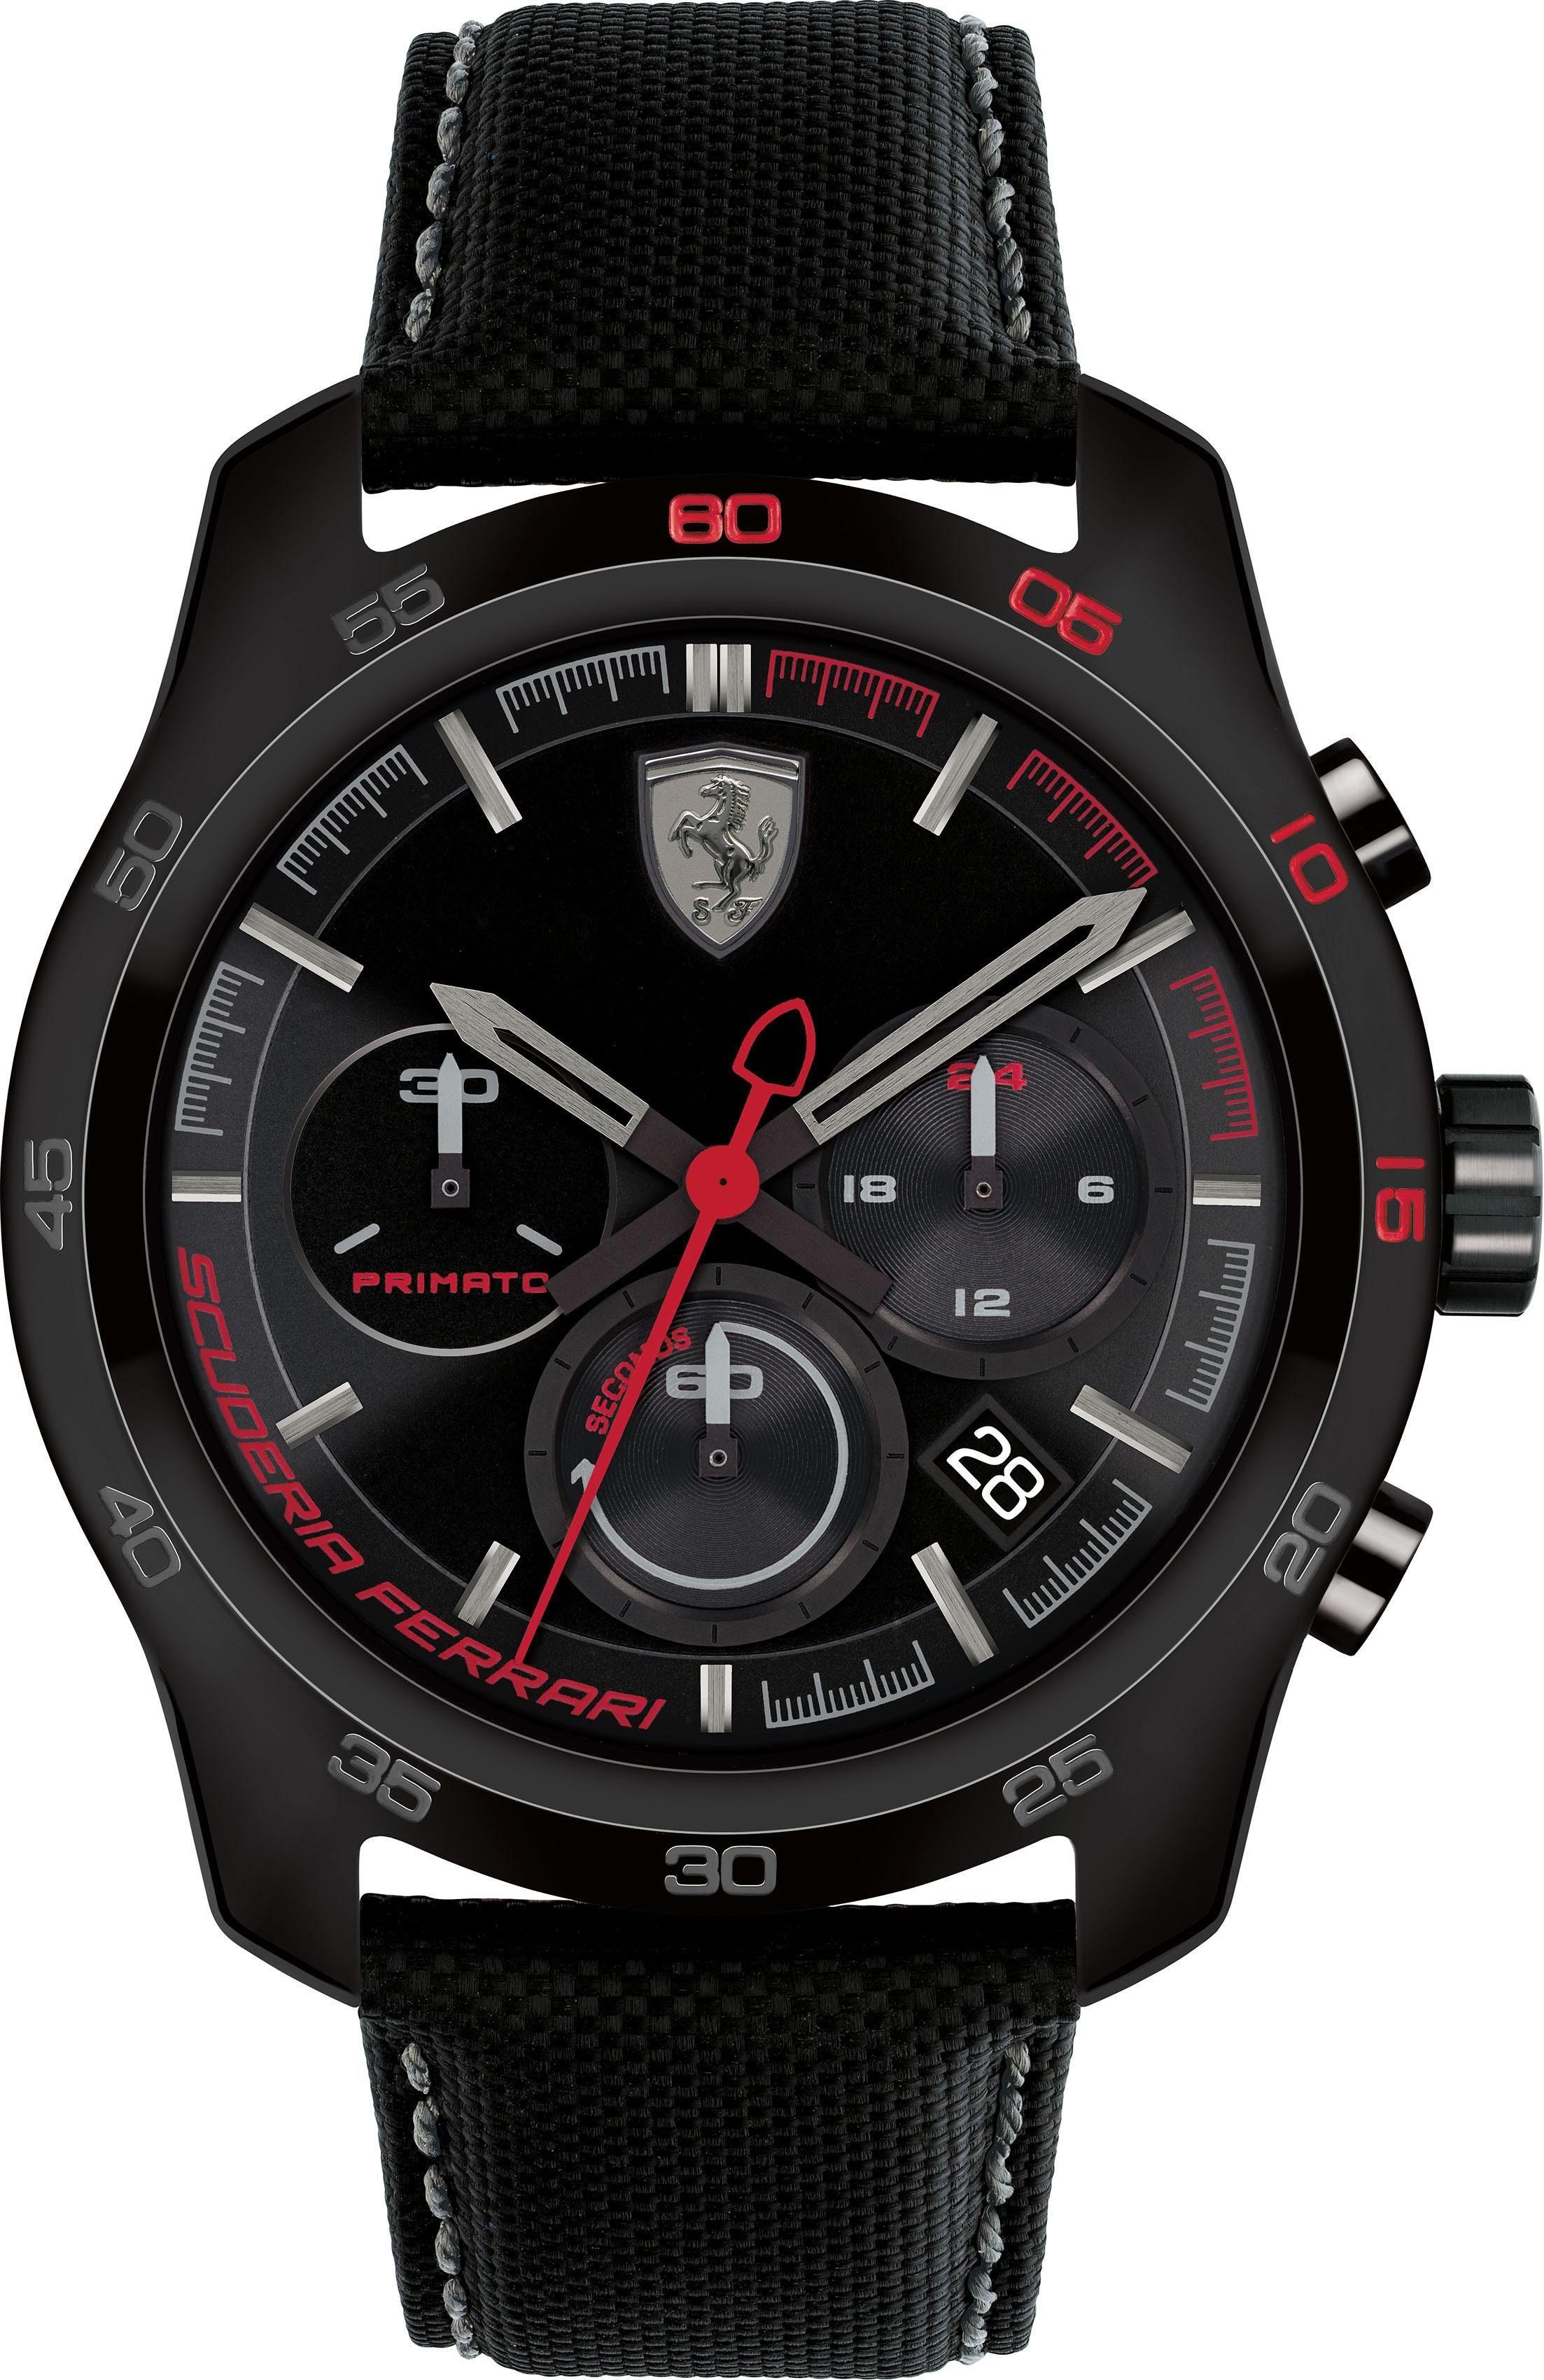 Scuderia Ferrari Chronograph »PRIMATO, 830446«